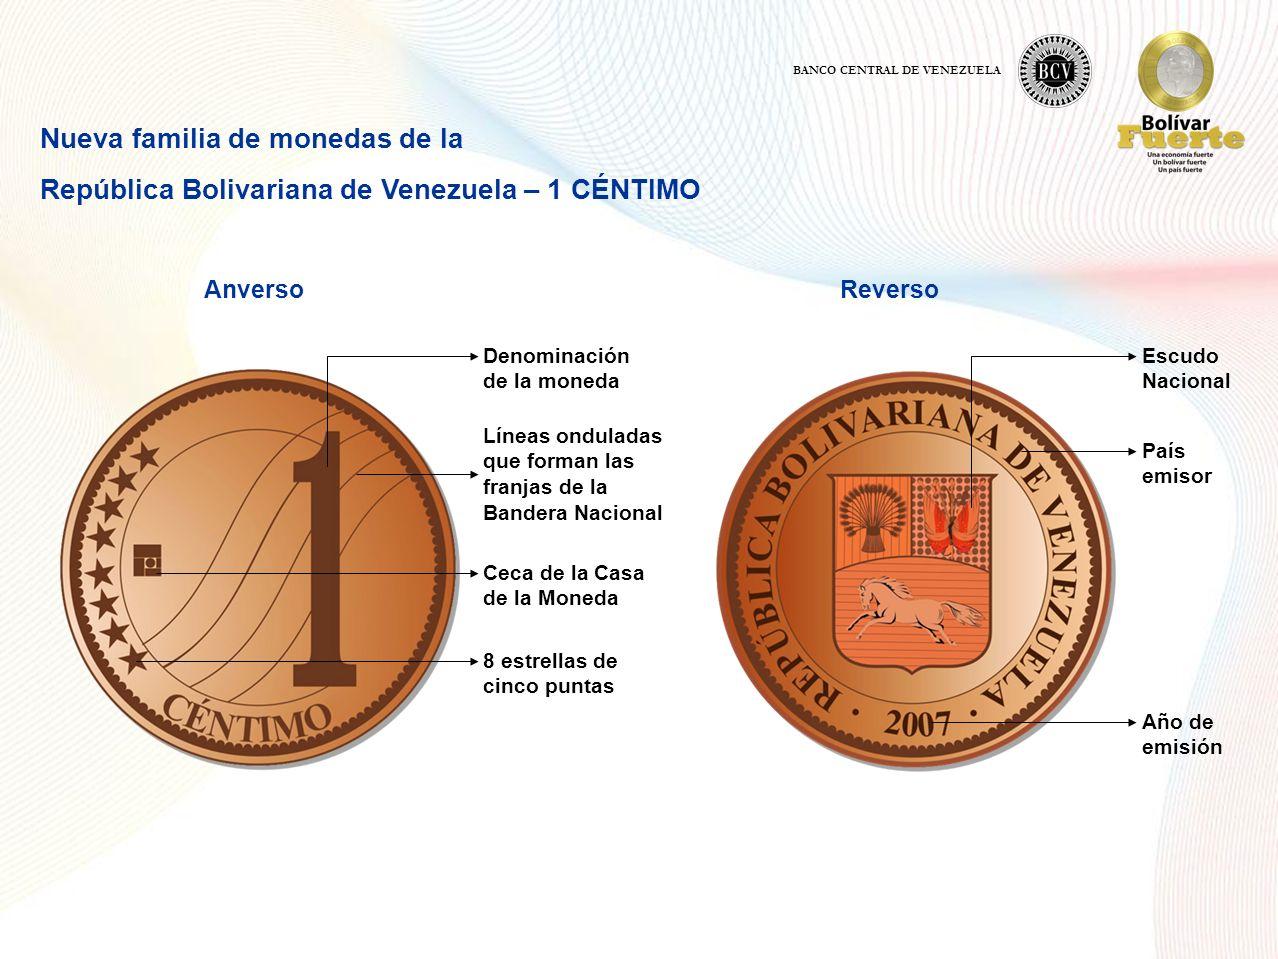 Nueva familia de monedas de la República Bolivariana de Venezuela – 1 CÉNTIMO AnversoReverso Denominación de la moneda Líneas onduladas que forman las